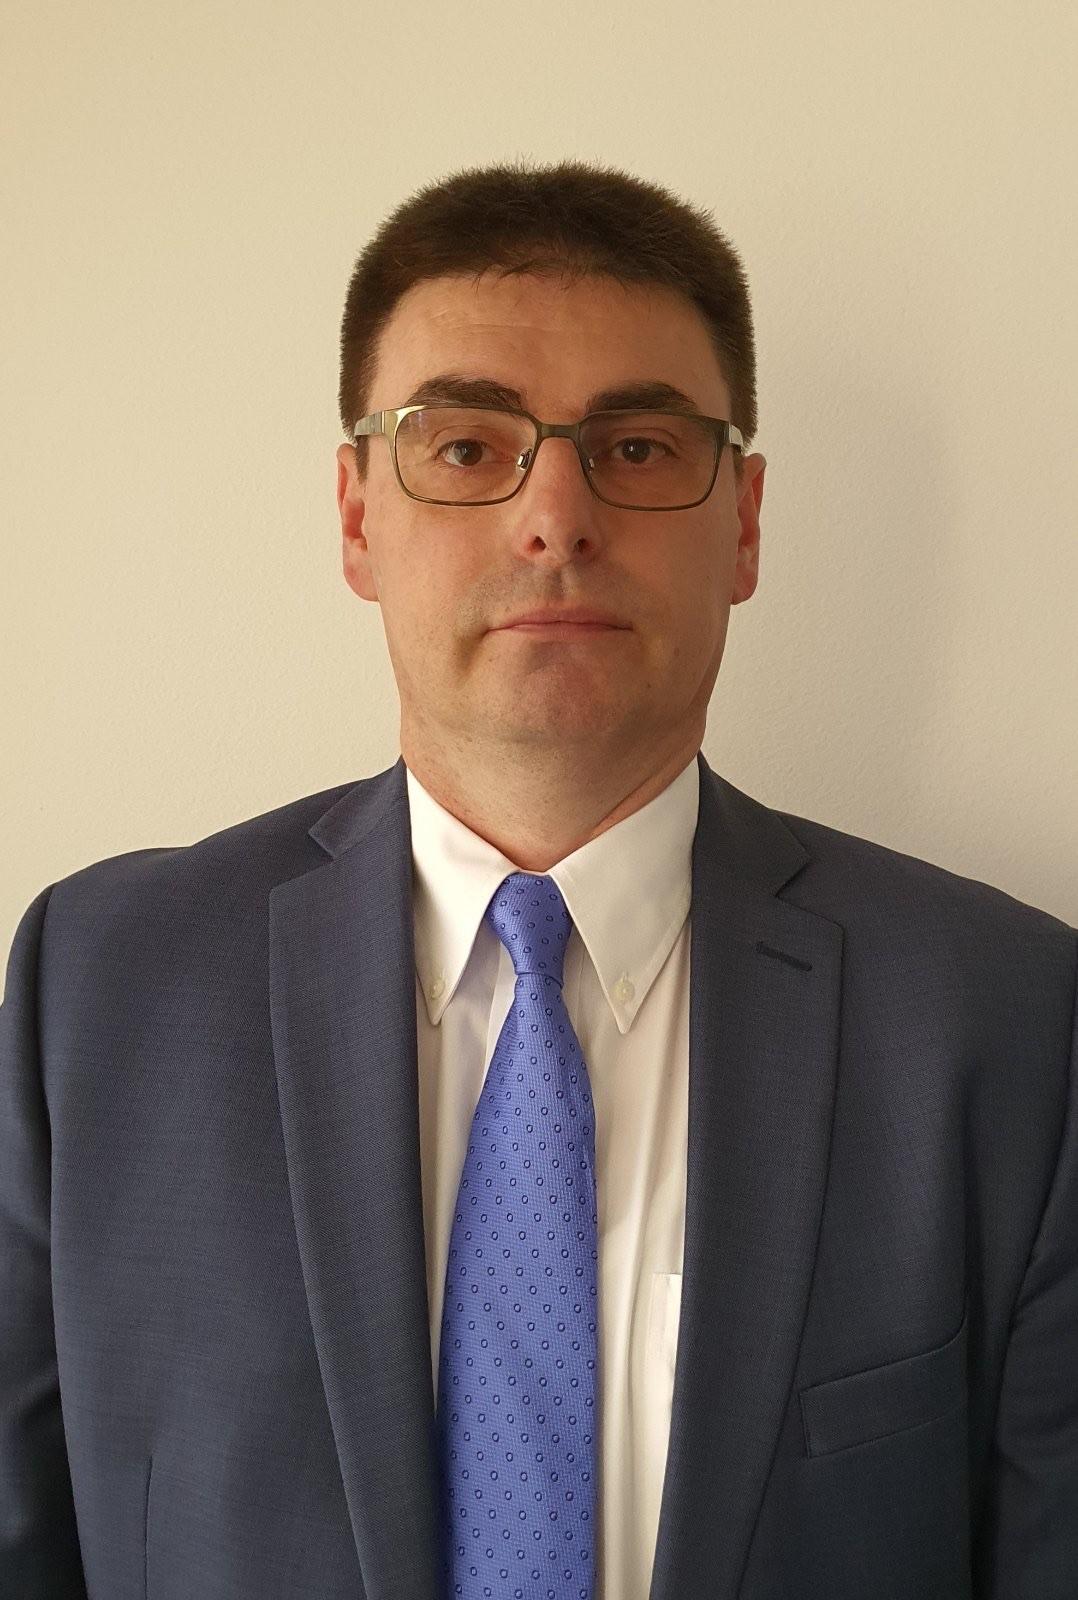 Mr. Boro Mioč